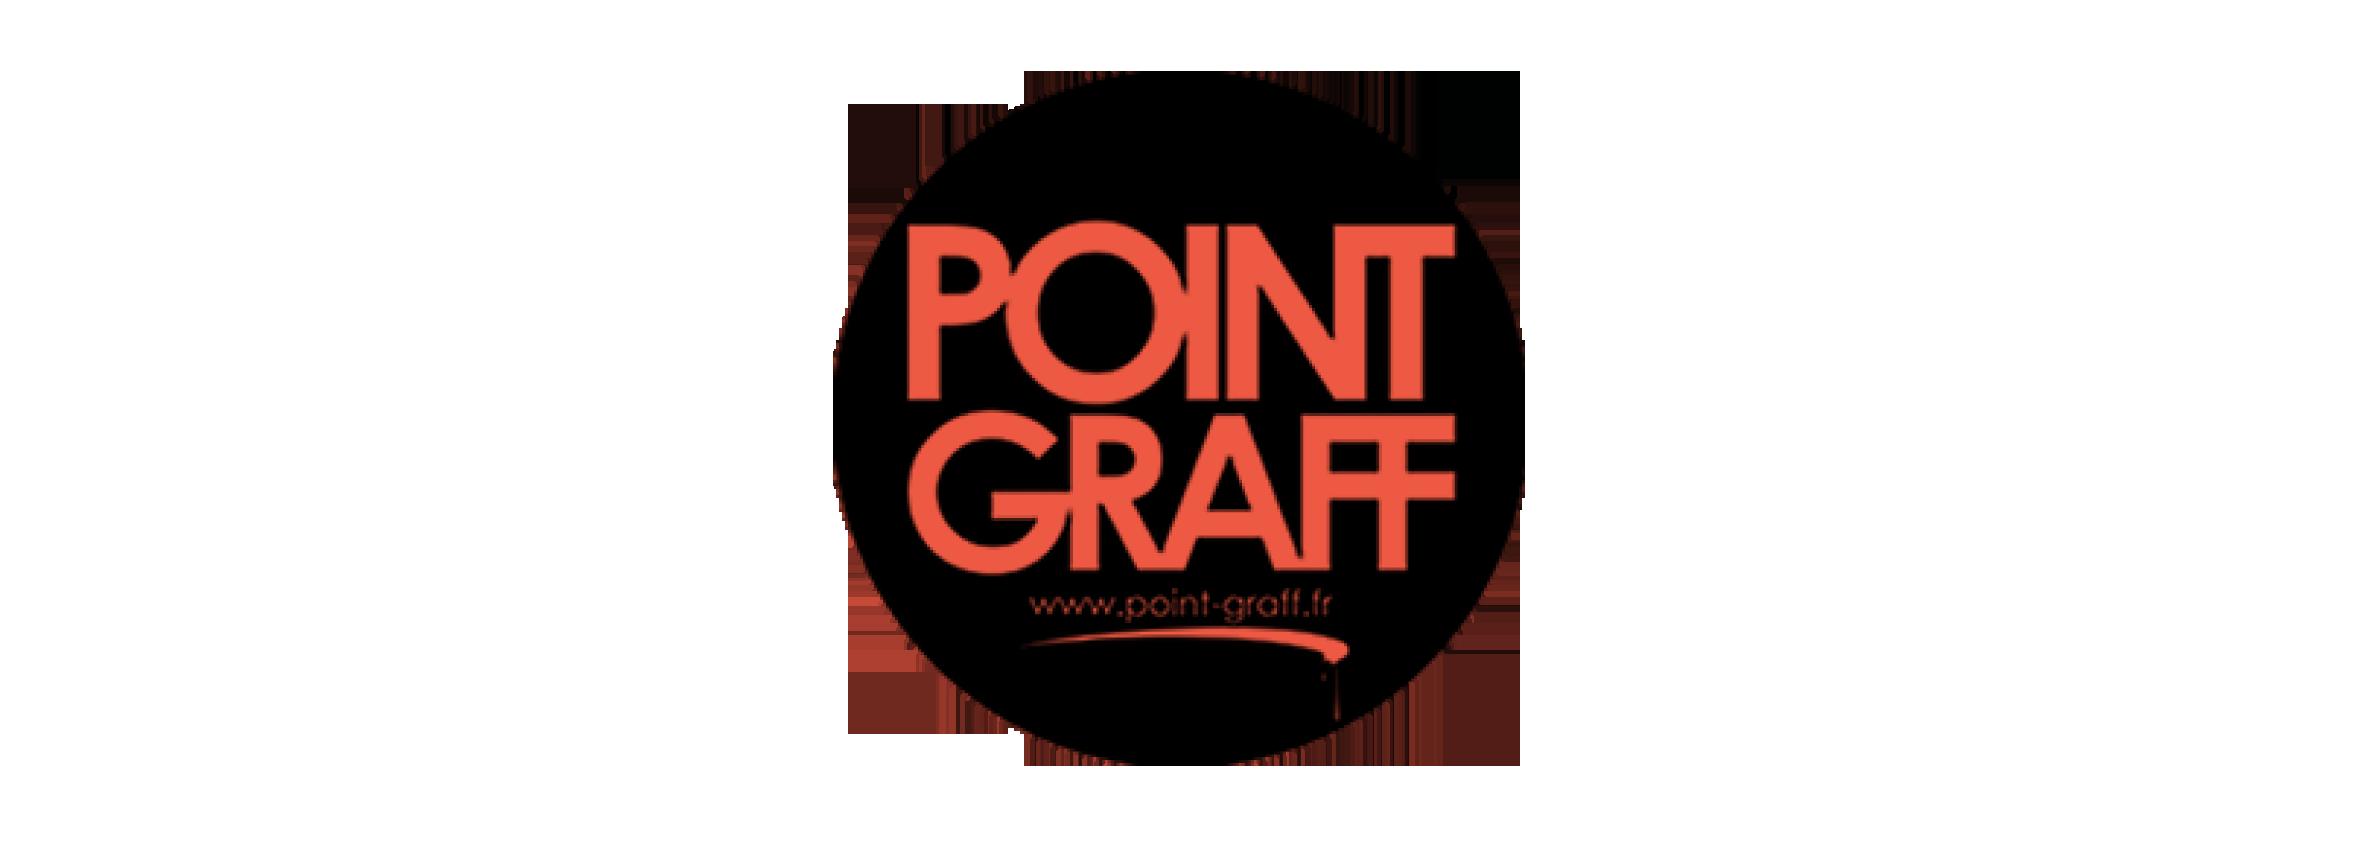 Point Graff